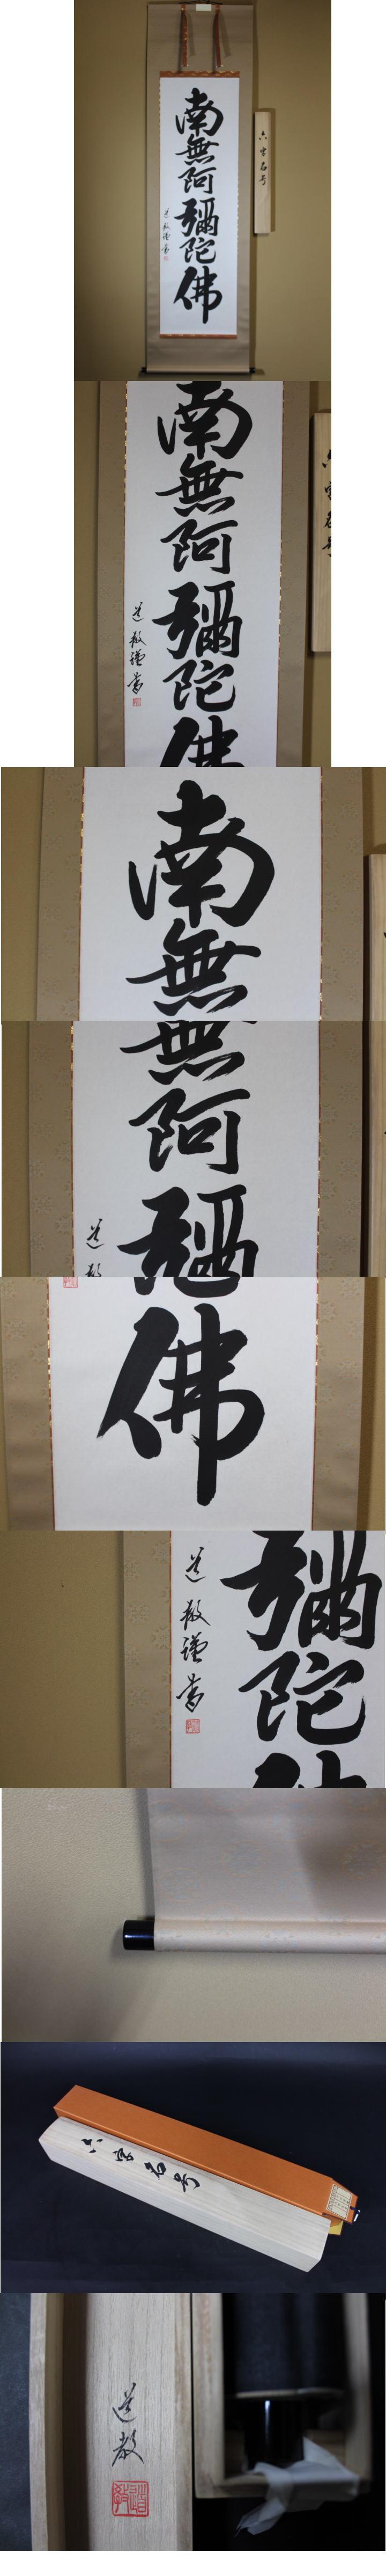 jikubutudoukyo